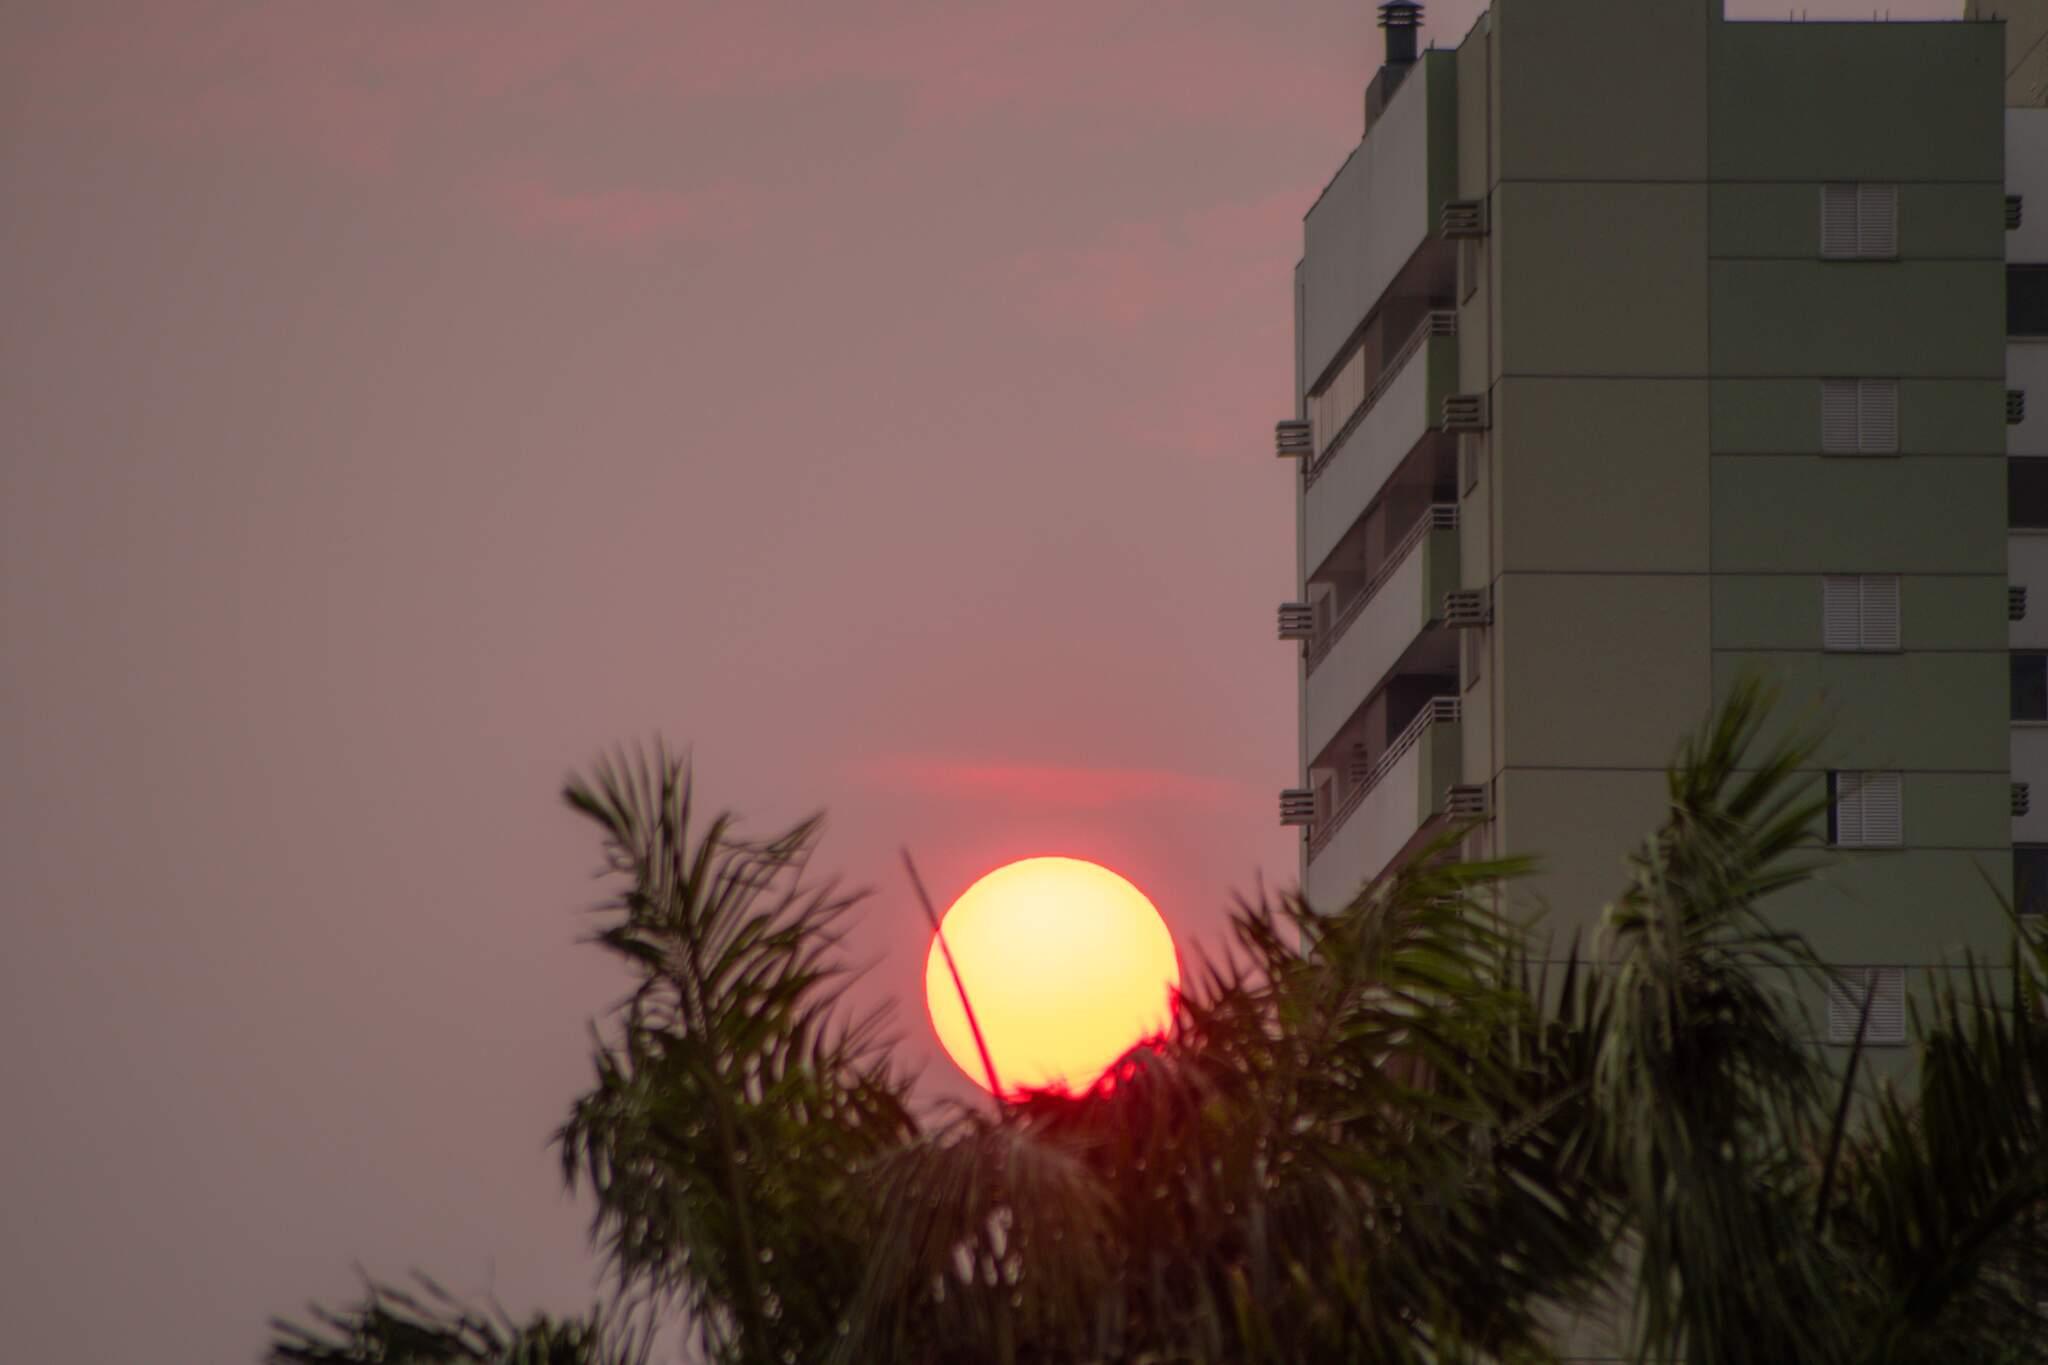 Dia amanhecendo em Campo Grande, nesta sexta-feira; calor continua, mas em menor proporção durante a Primavera (Foto: Henrique Kawaminami)